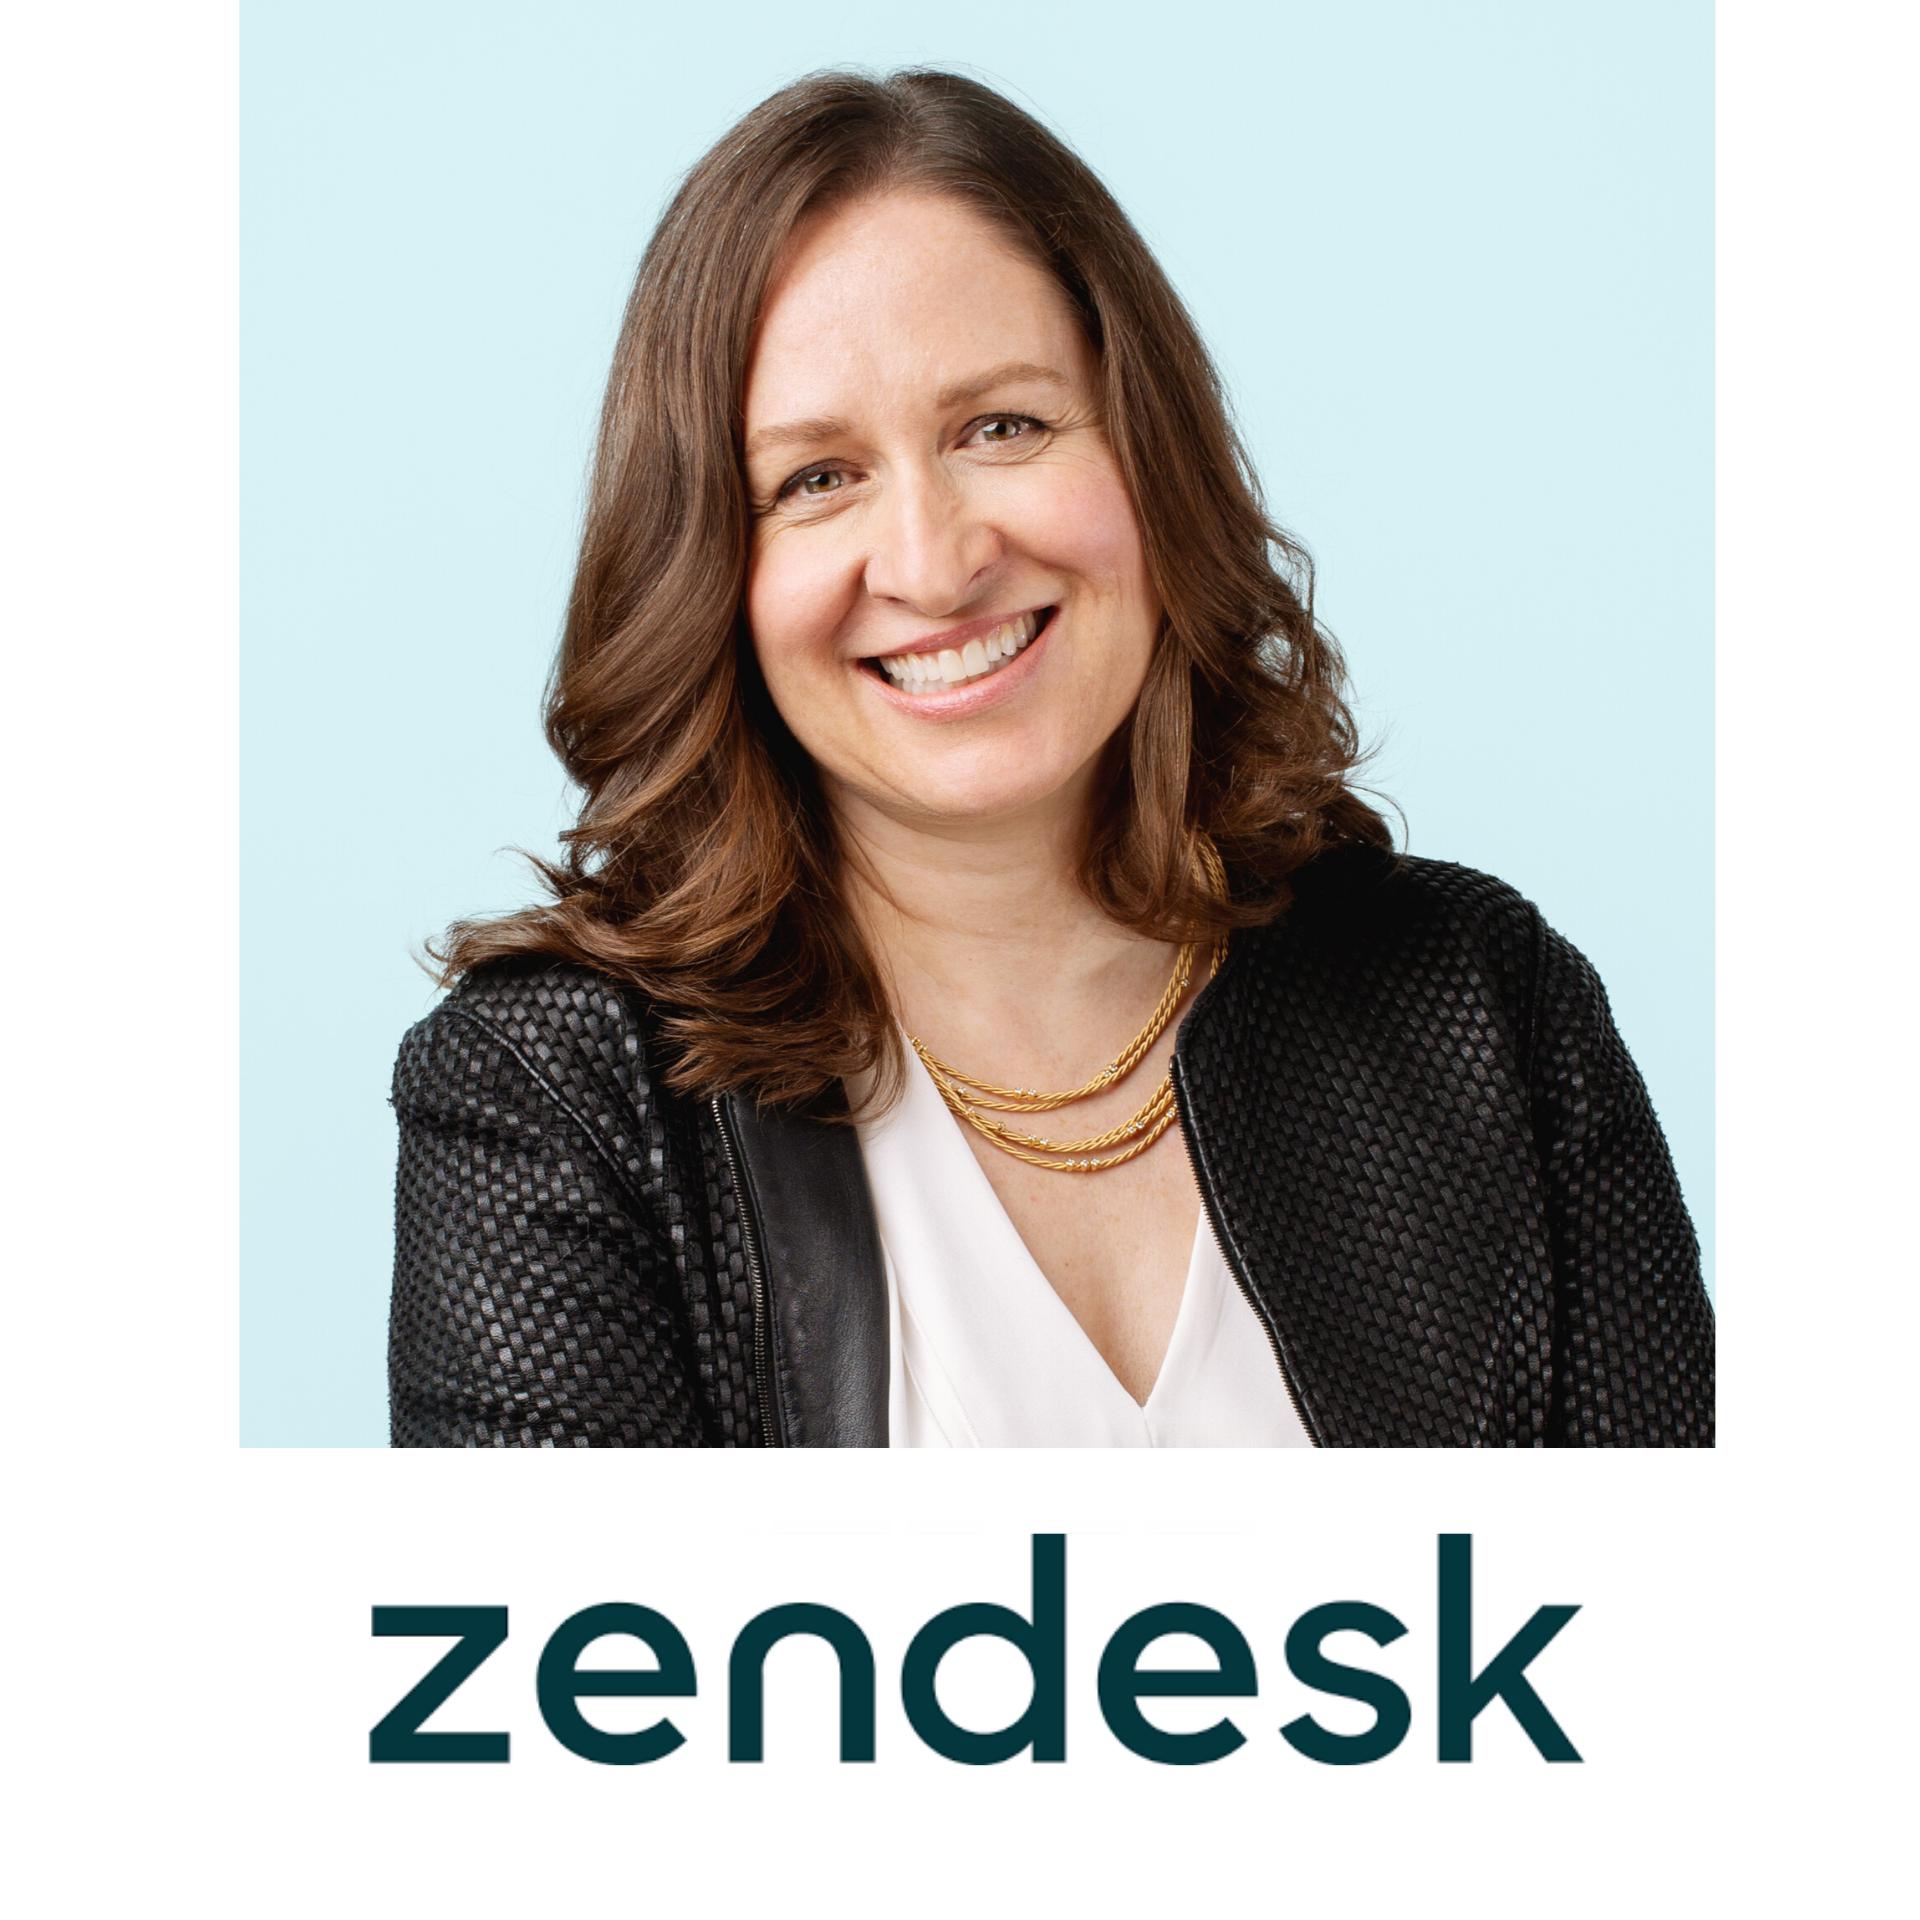 Zendesk Elisabeth Zornes-1